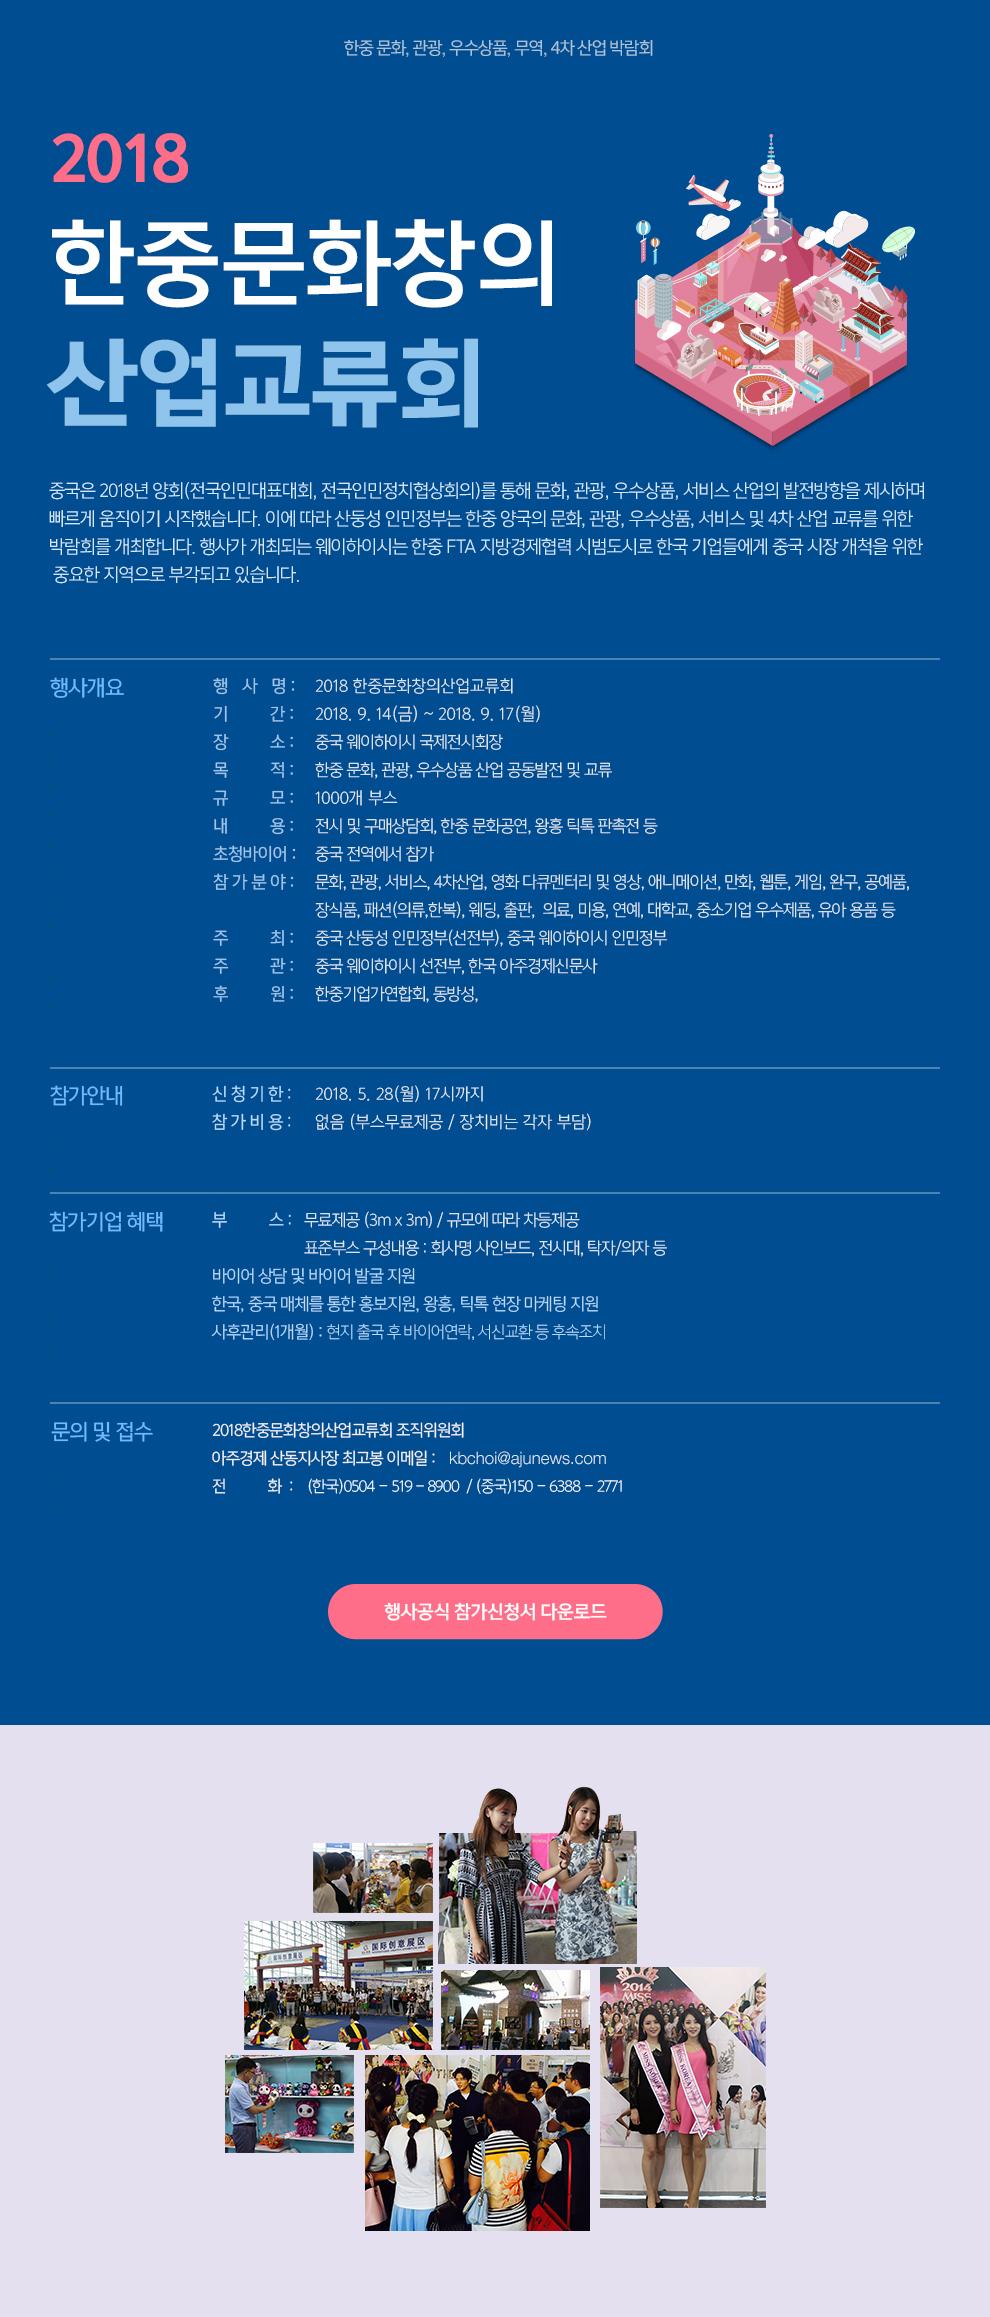 ccie2018_행사개요_.jpg